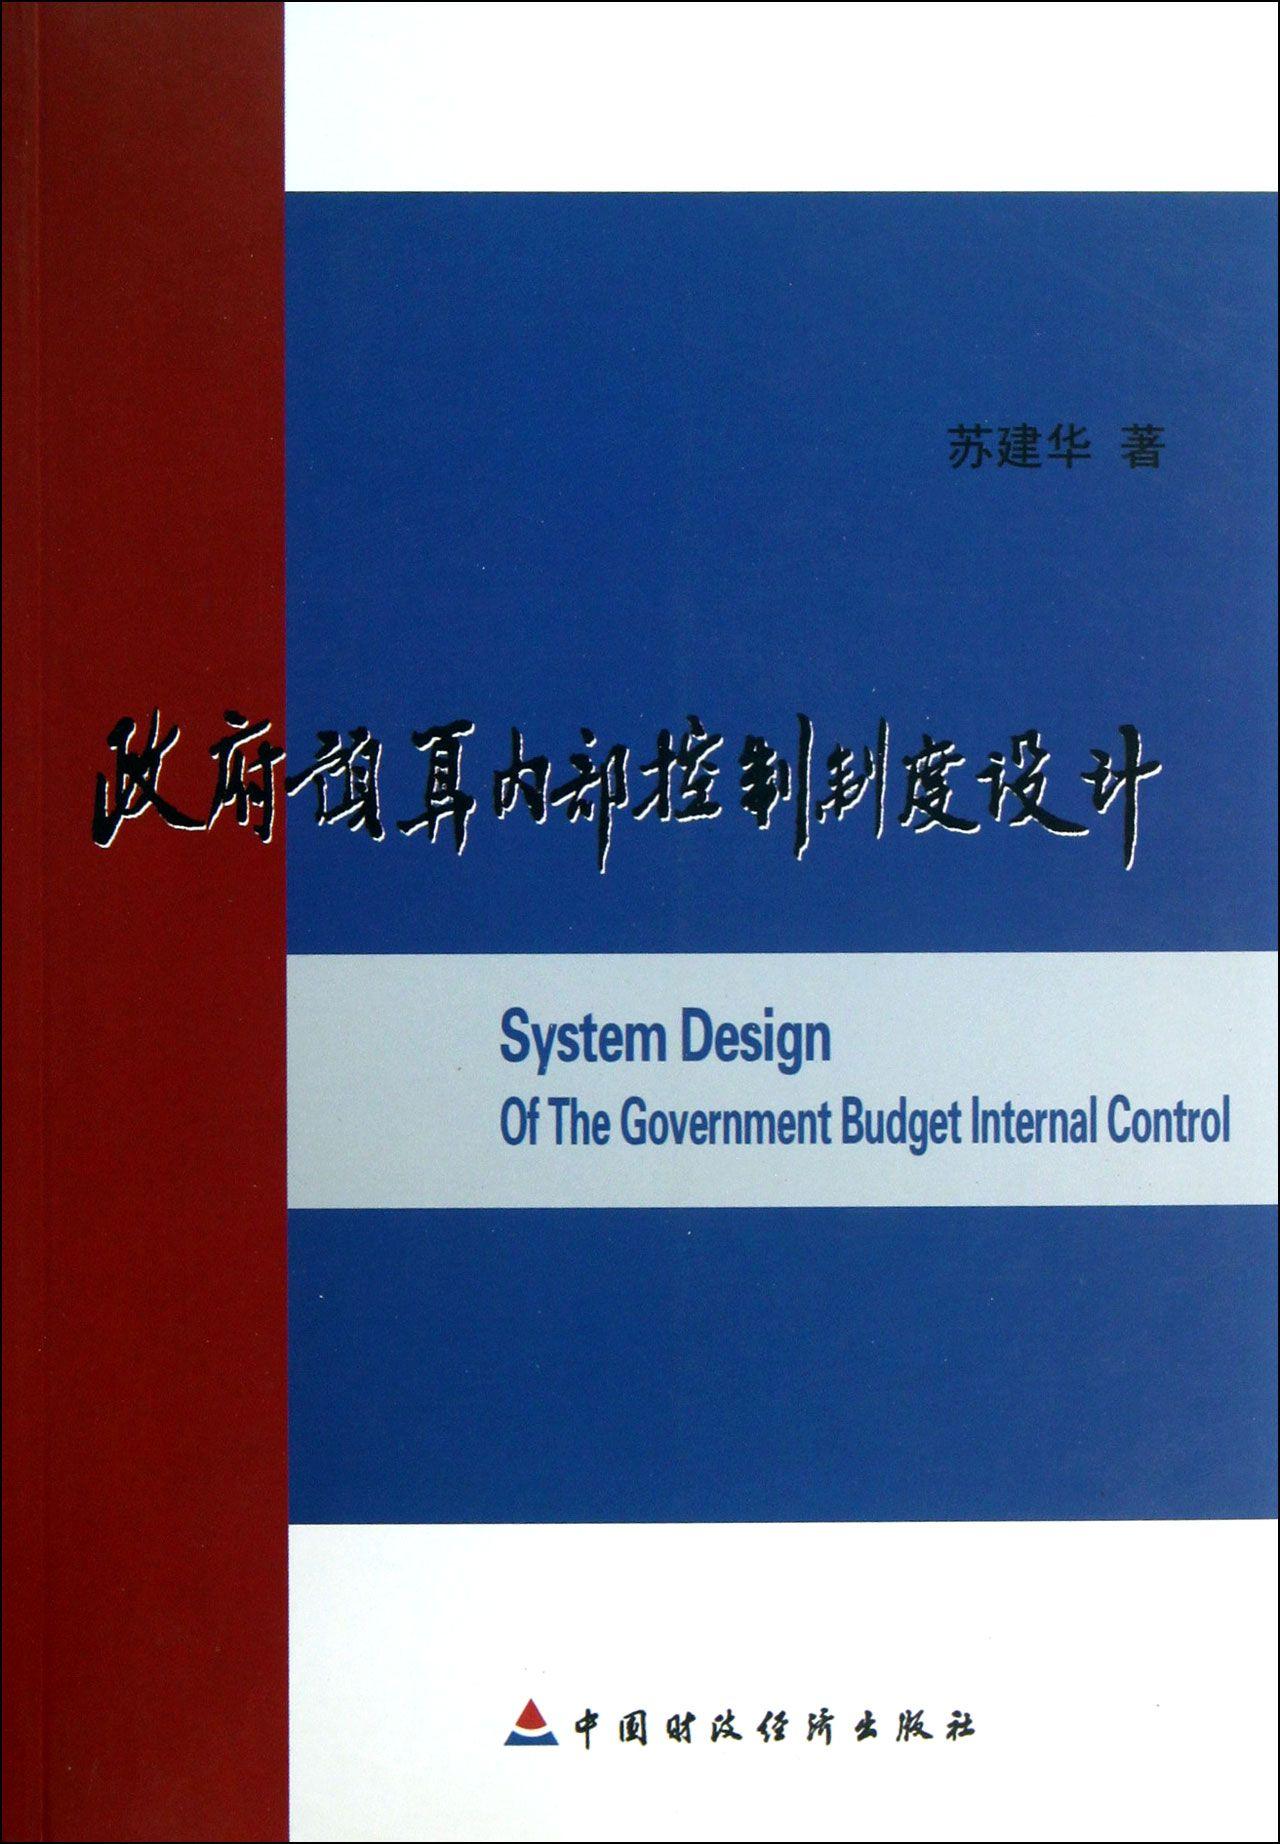 政府预算内部控制制度设计